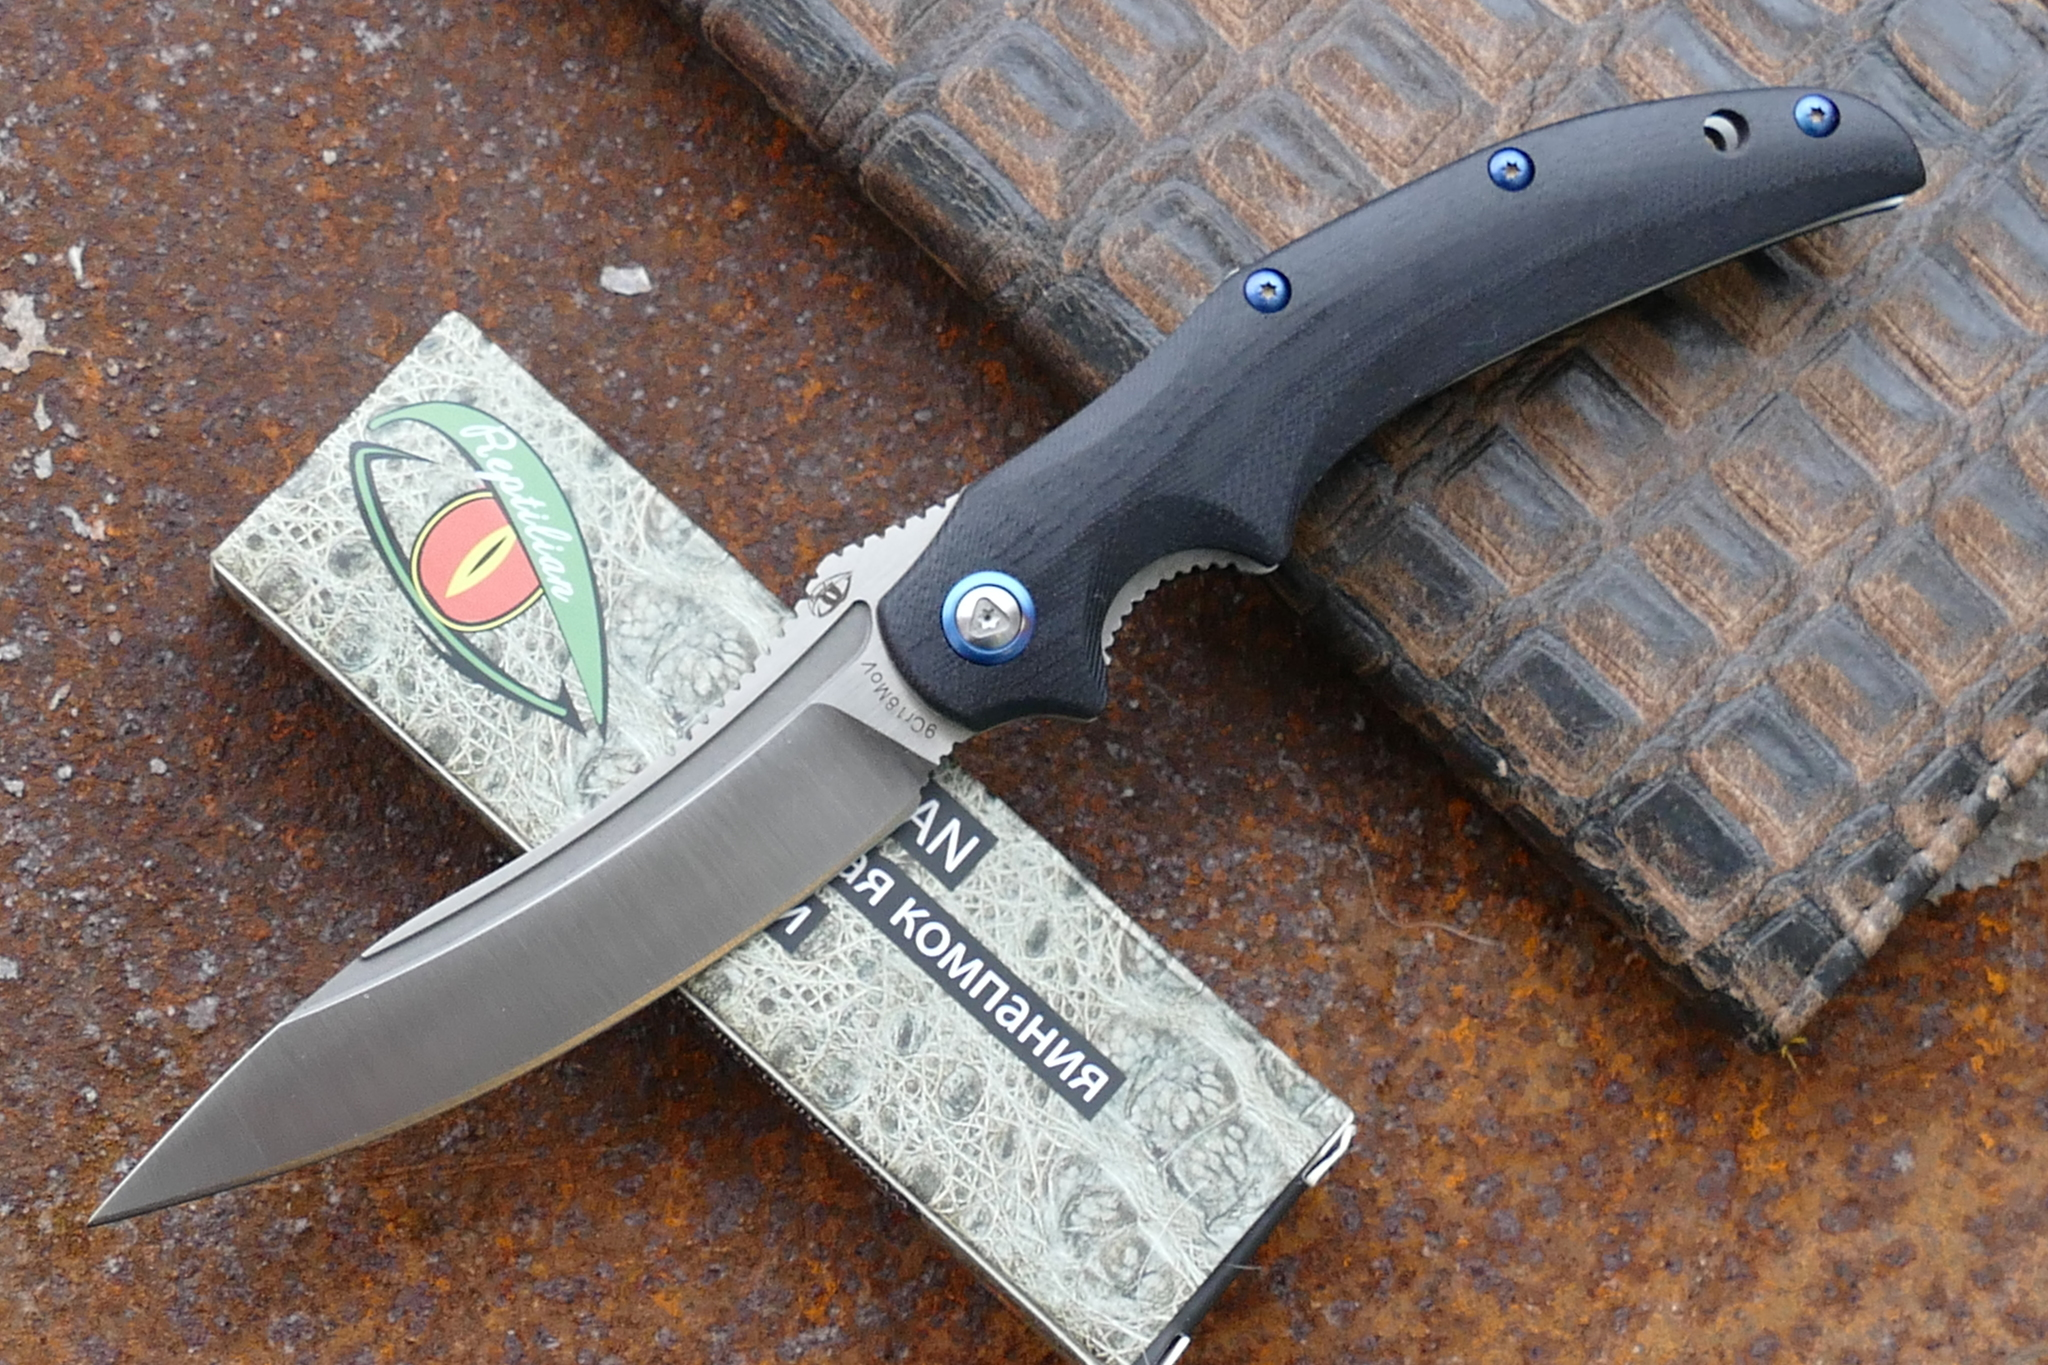 Нож Рефлекс-01Раскладные ножи<br>марка стали: 9Cr18MoVтвёрдость: HRC57-58длина общая: 232ммдлина клинка: 103ммширина клинка наибольшая: 29ммтолщина обуха: 3.5ммвес: 126.7гртип замка: liner lockМеханизм открытия: IKBS (шарикоподшипниковая система)<br>